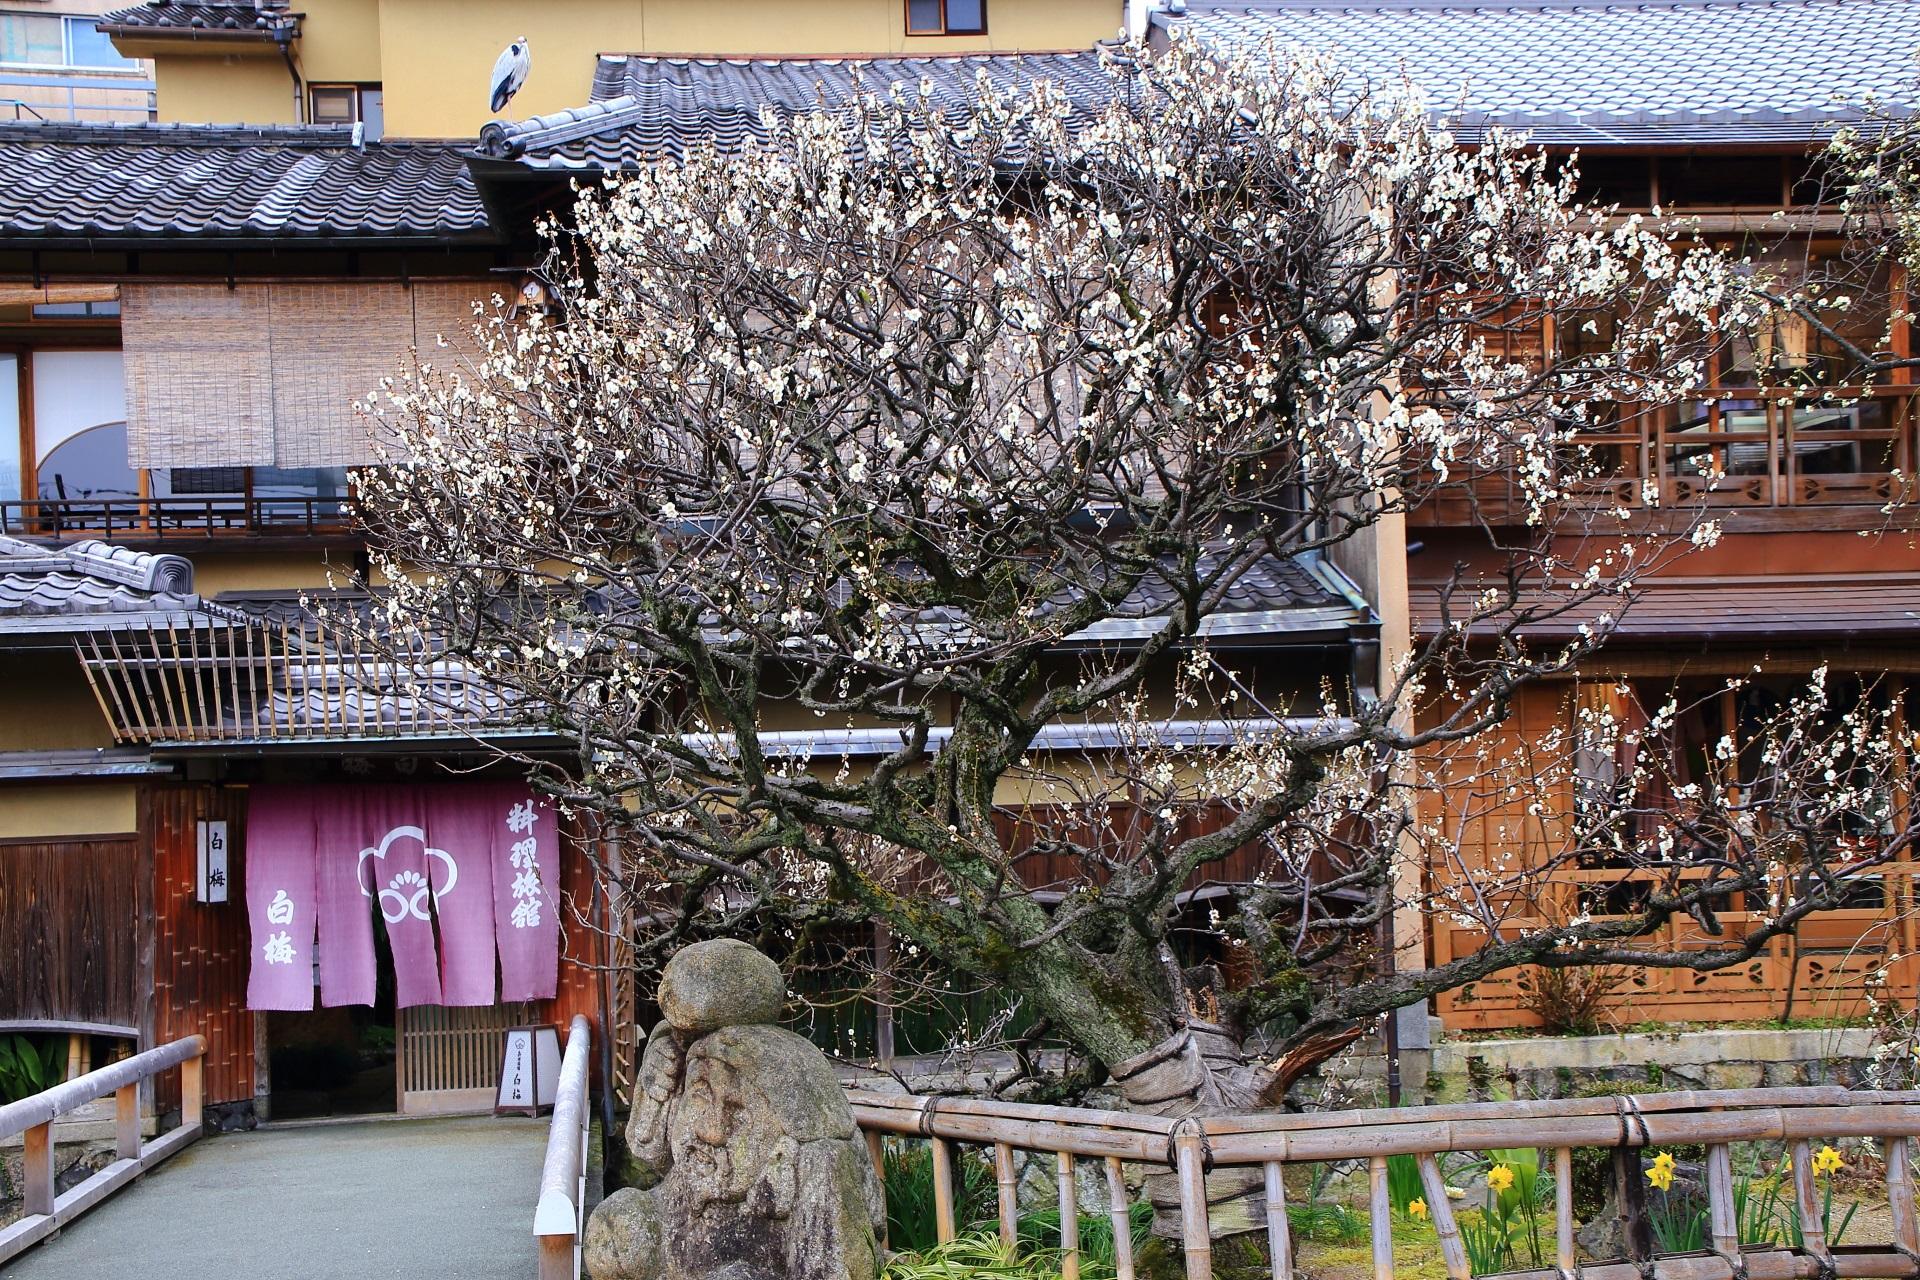 祇園白川の鳥と見ごろの梅